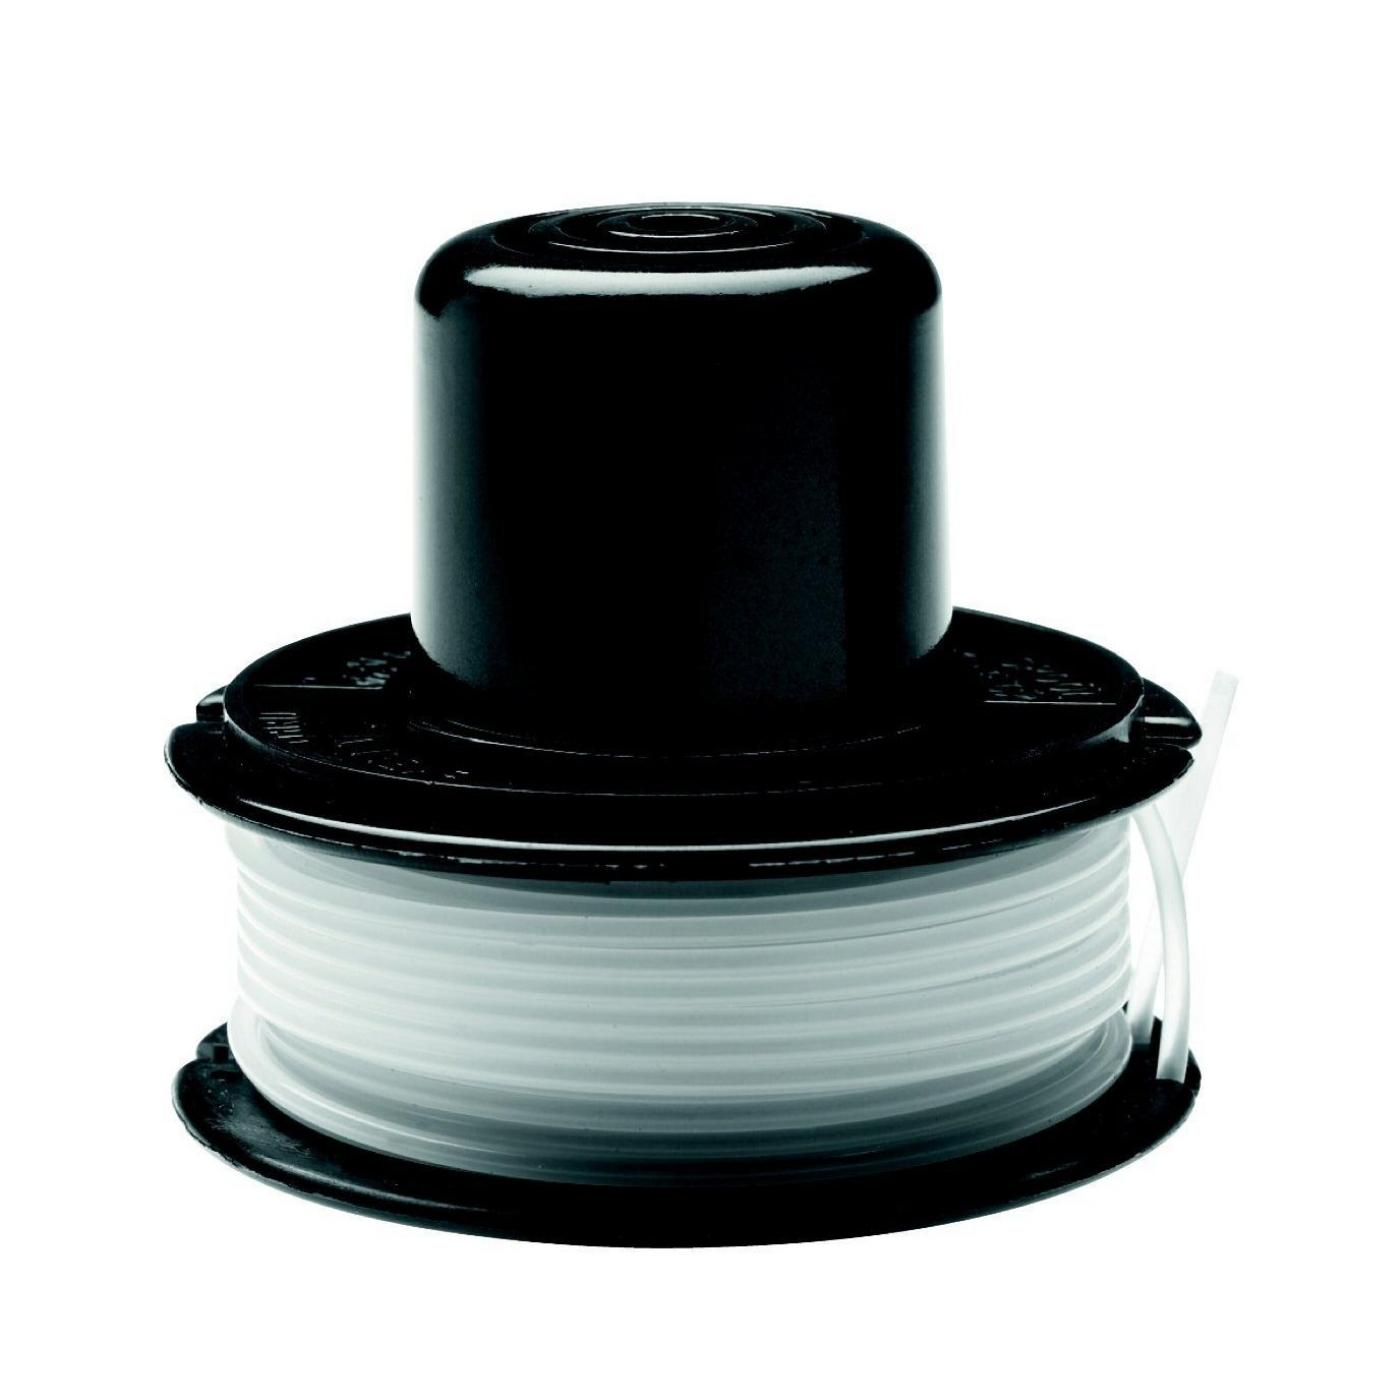 Armario Organizador Para Artesanato ~ Bobina de hilo para cortabordes modelos golpeo Black&Decker A6226 XJ por 7,95 u20ac en Planeta Hu